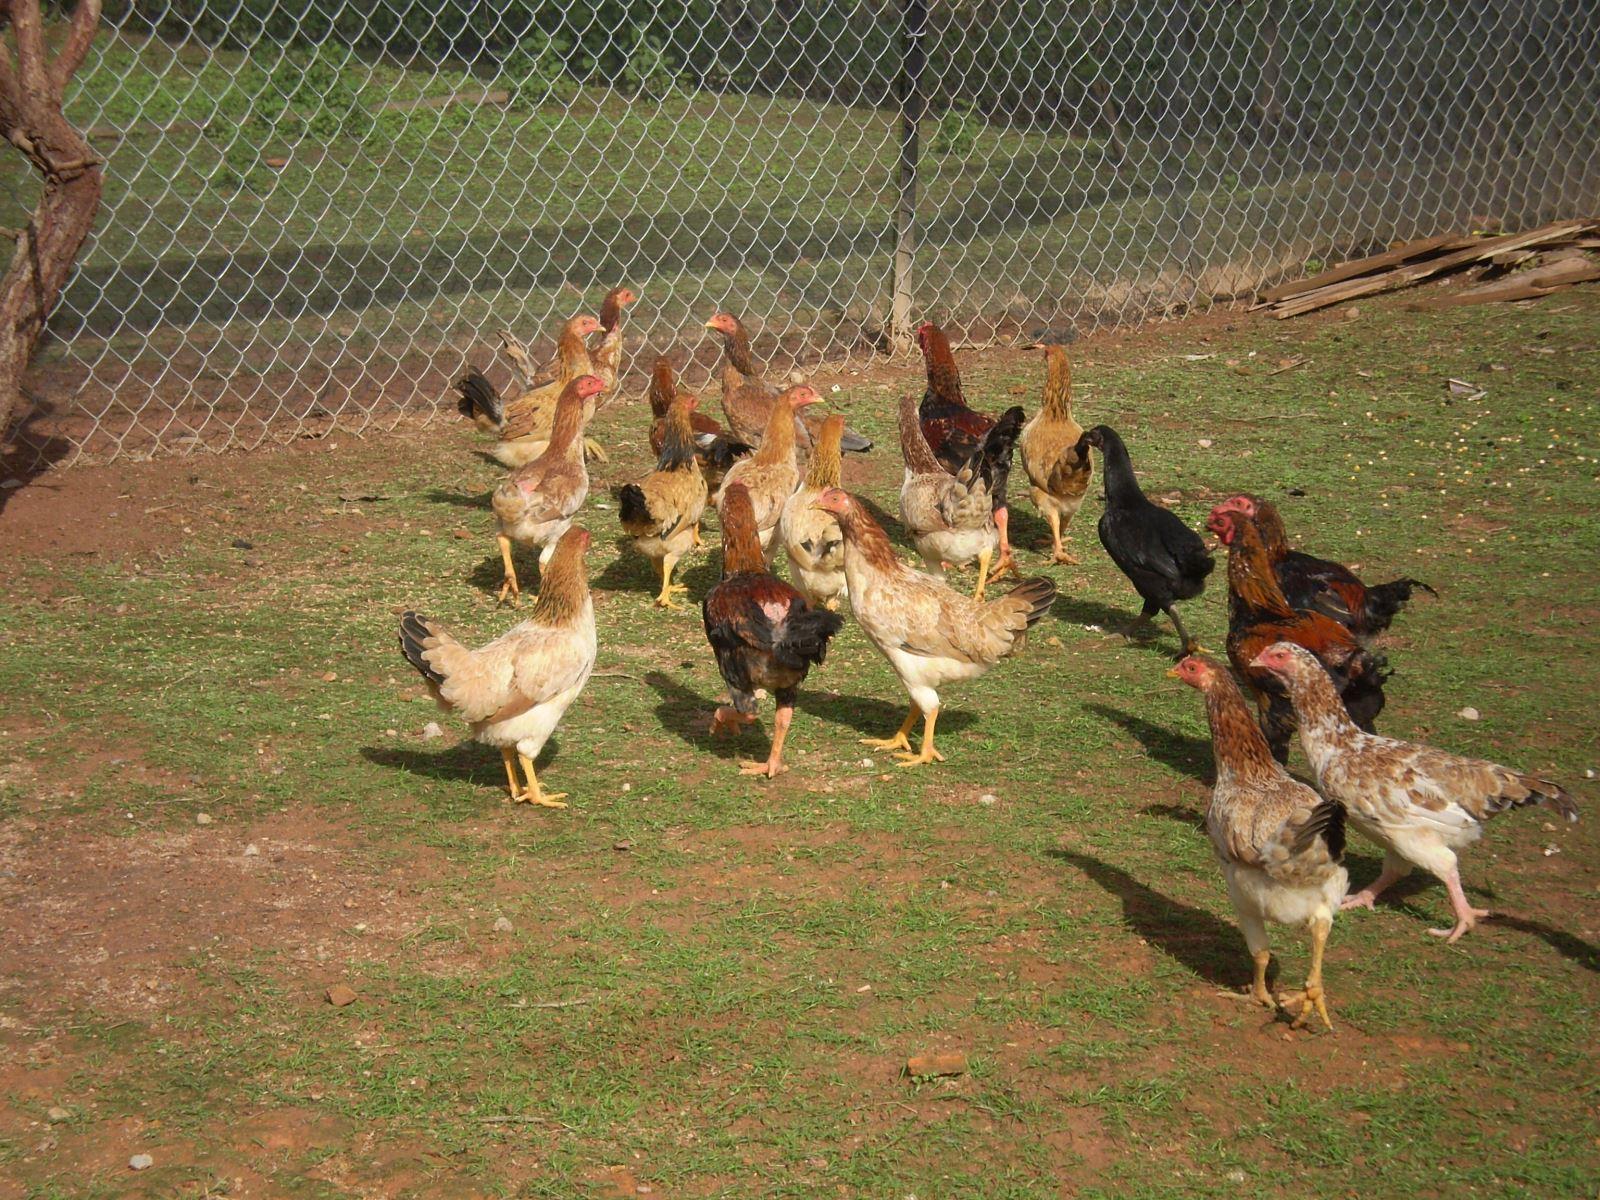 Kỹ thuật nuôi gà thả vườn thịt